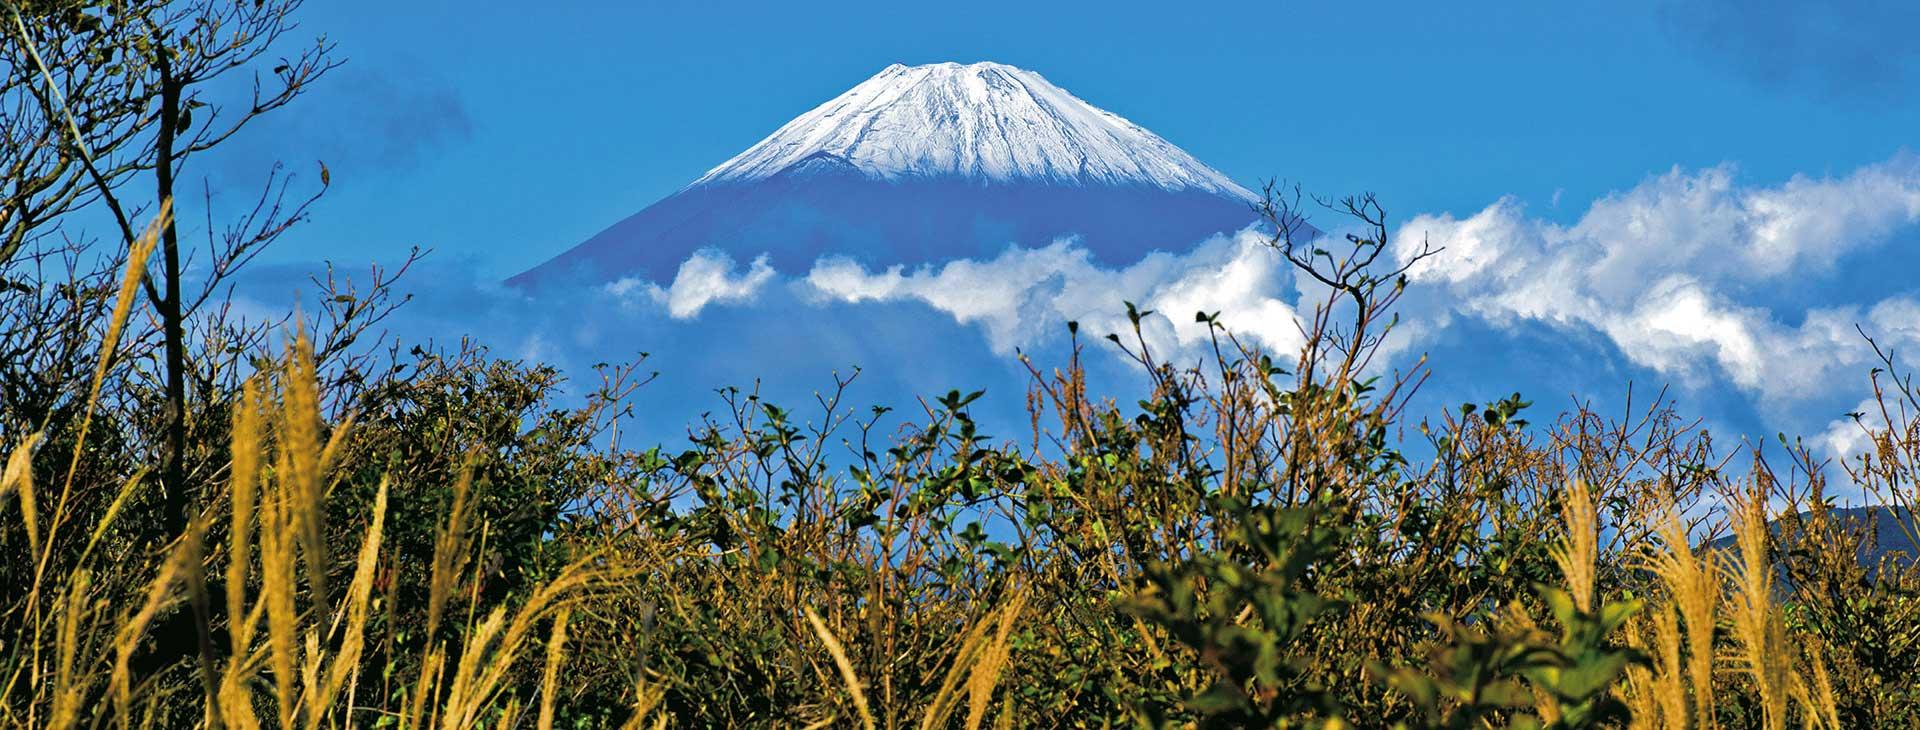 Japonia - Haiku o wschodzącym słońcu